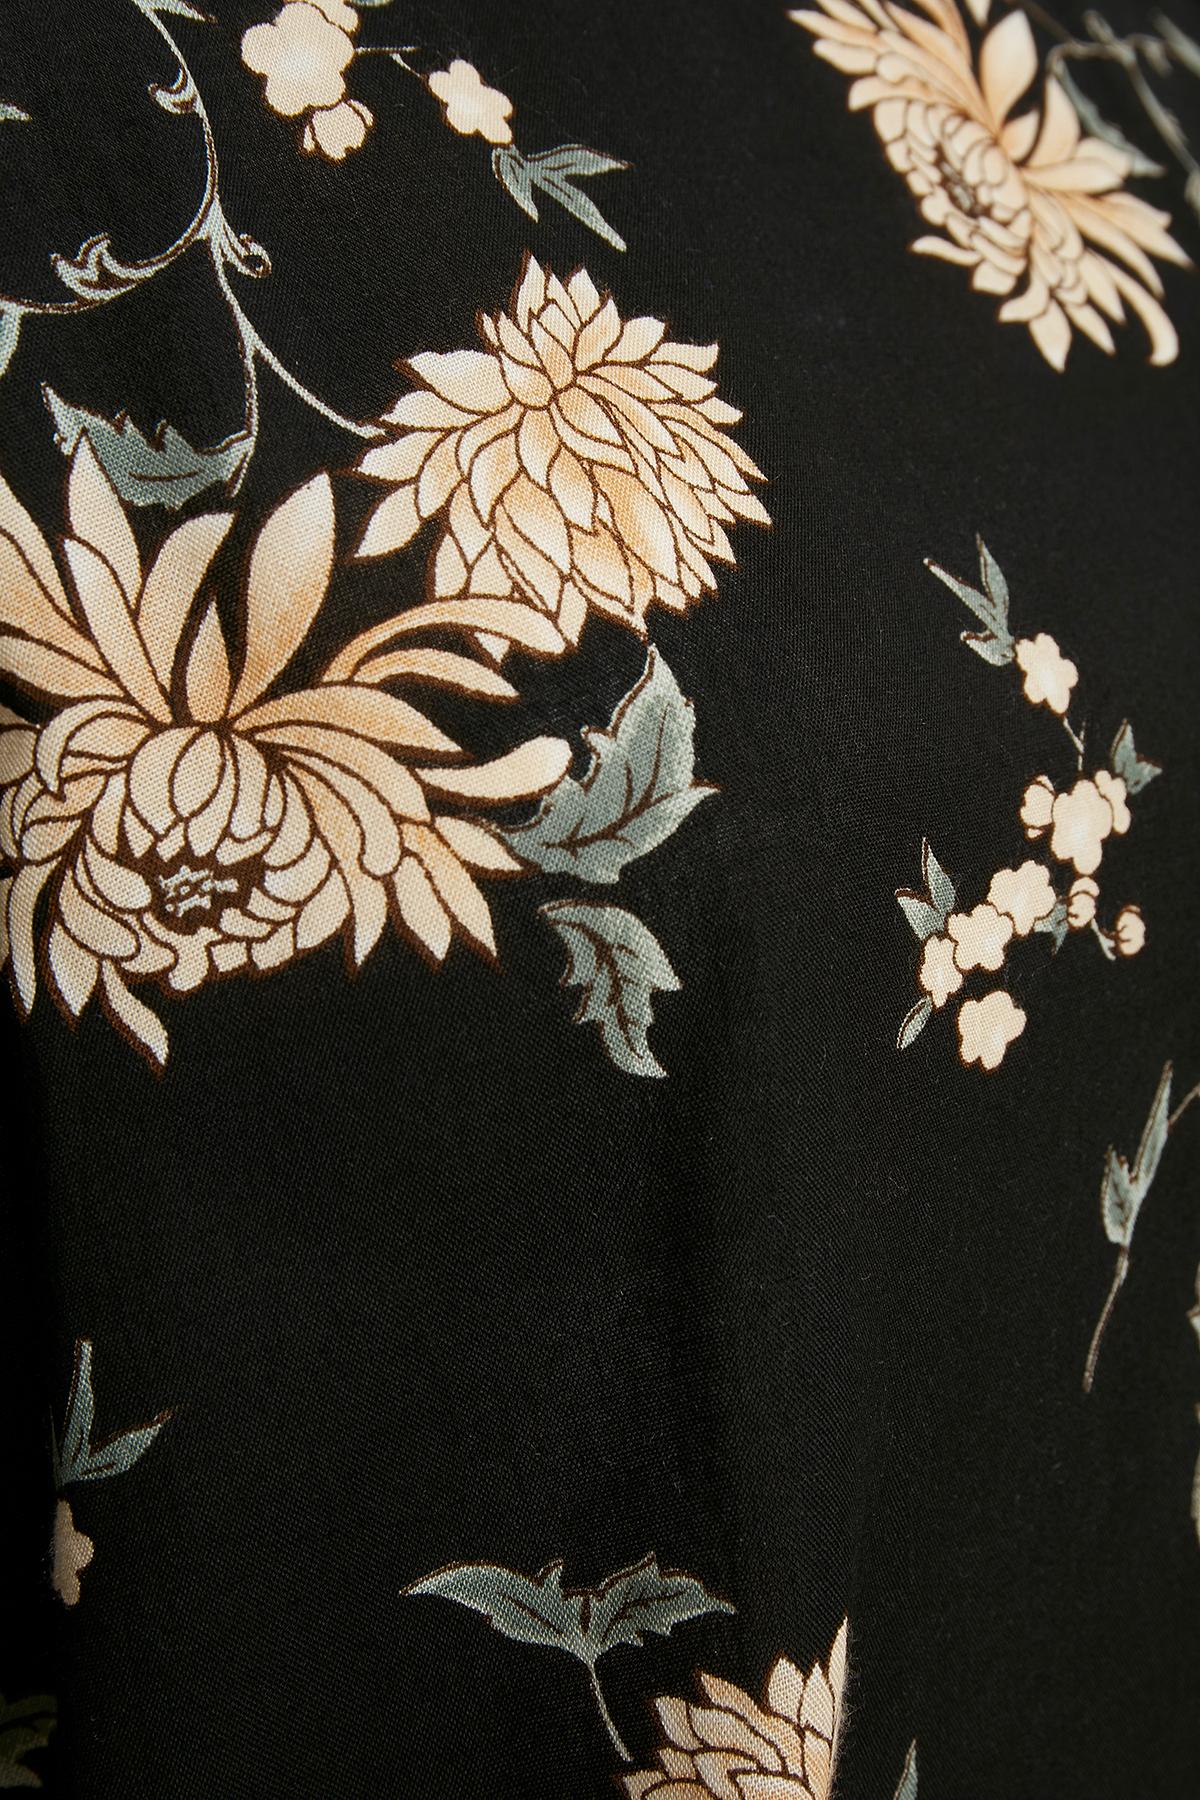 Schwarz/puder Langarm-Bluse von Bon'A Parte – Shoppen Sie Schwarz/puder Langarm-Bluse ab Gr. S-2XL hier